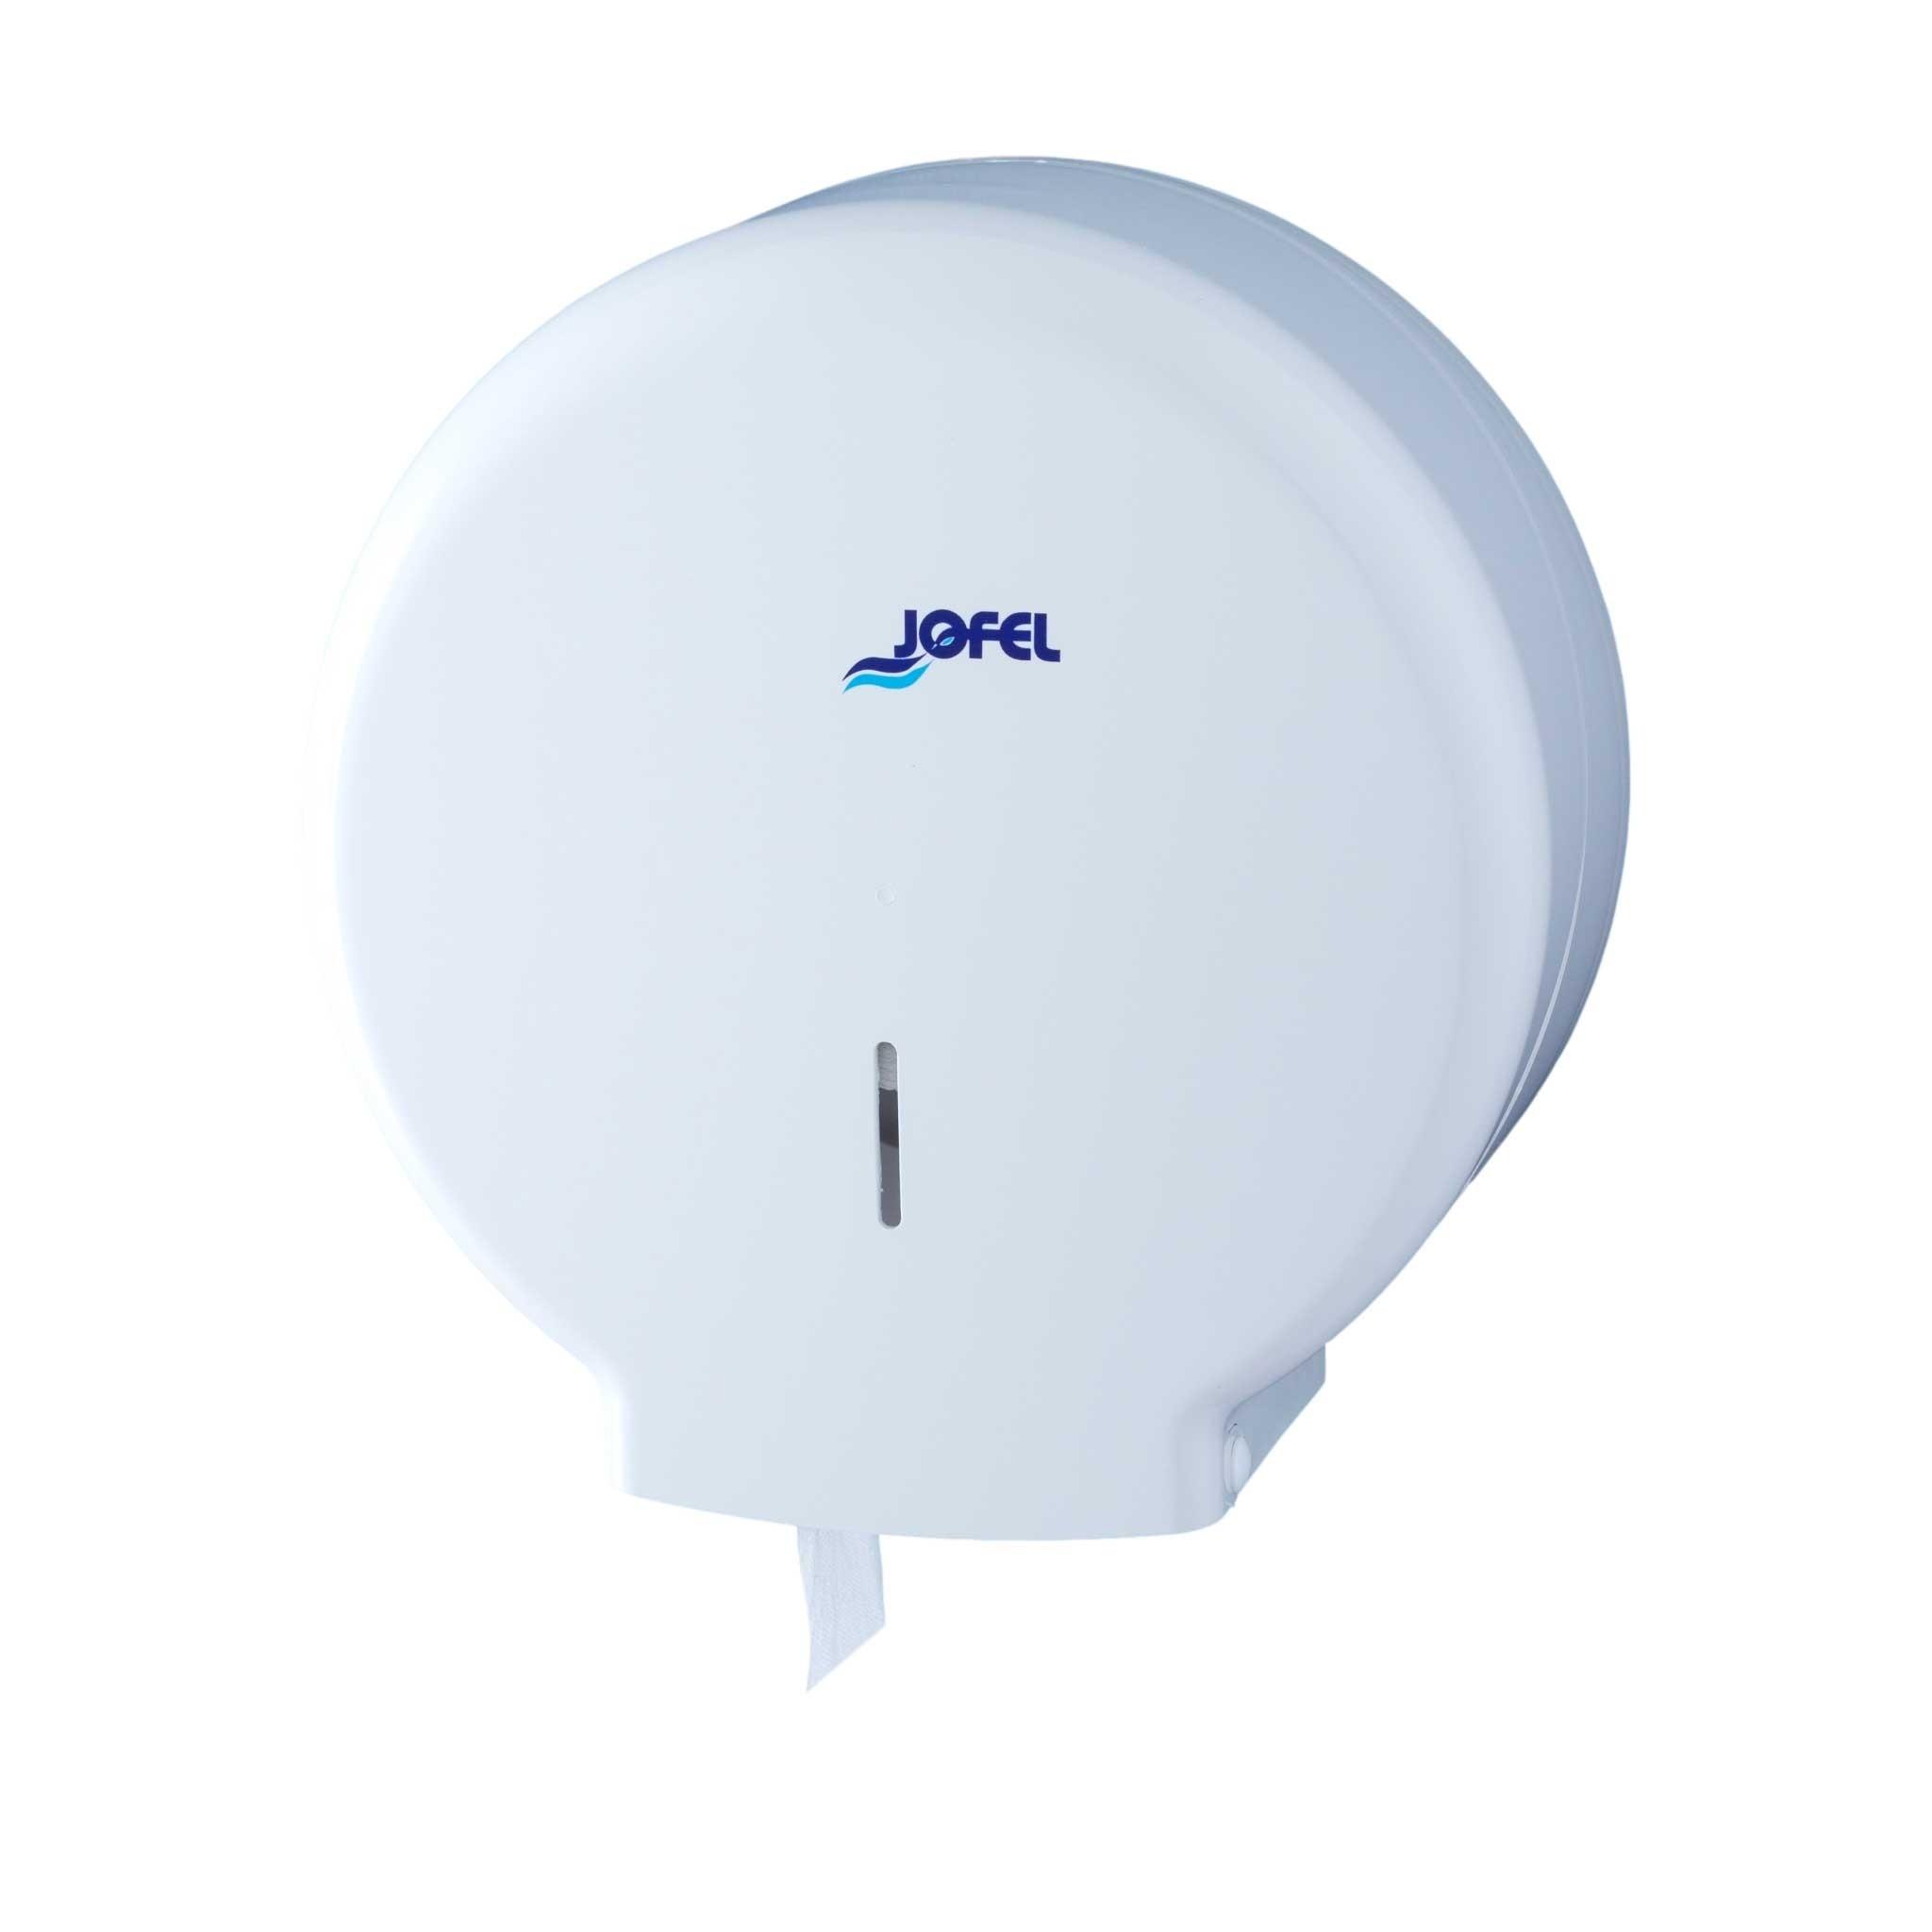 Πλαστική θήκη χαρτιού υγείας Jumbo Jofel Azur white AE51000